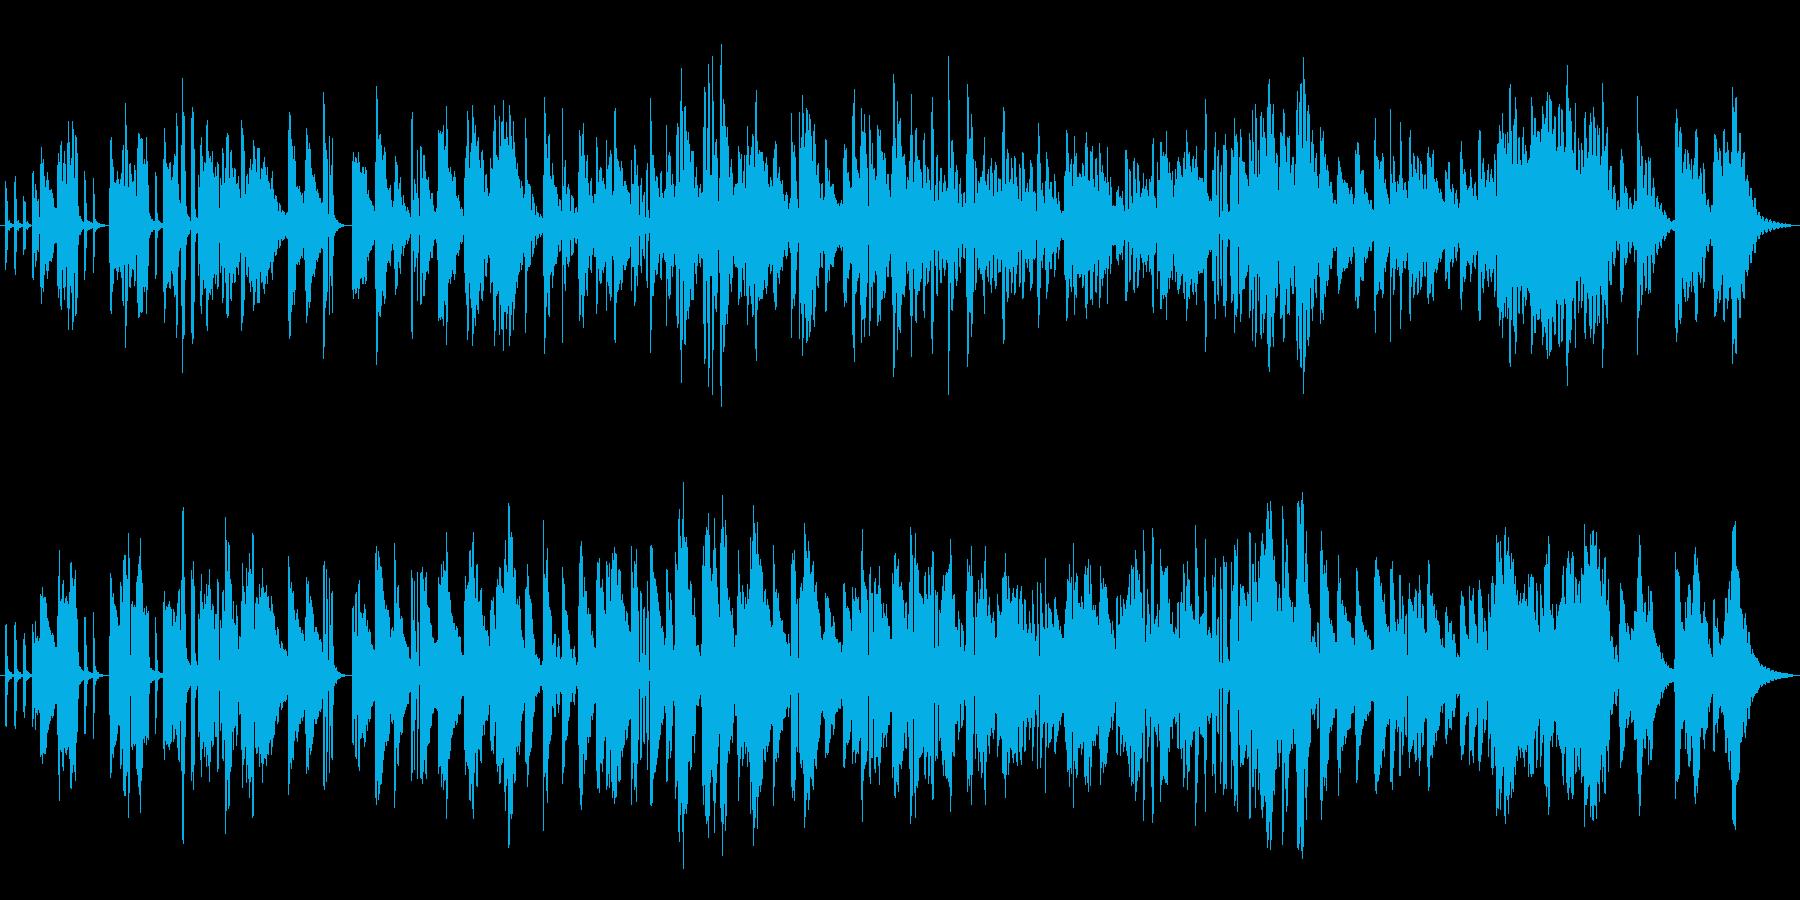 エレピ独奏曲です。24bit,48kH…の再生済みの波形